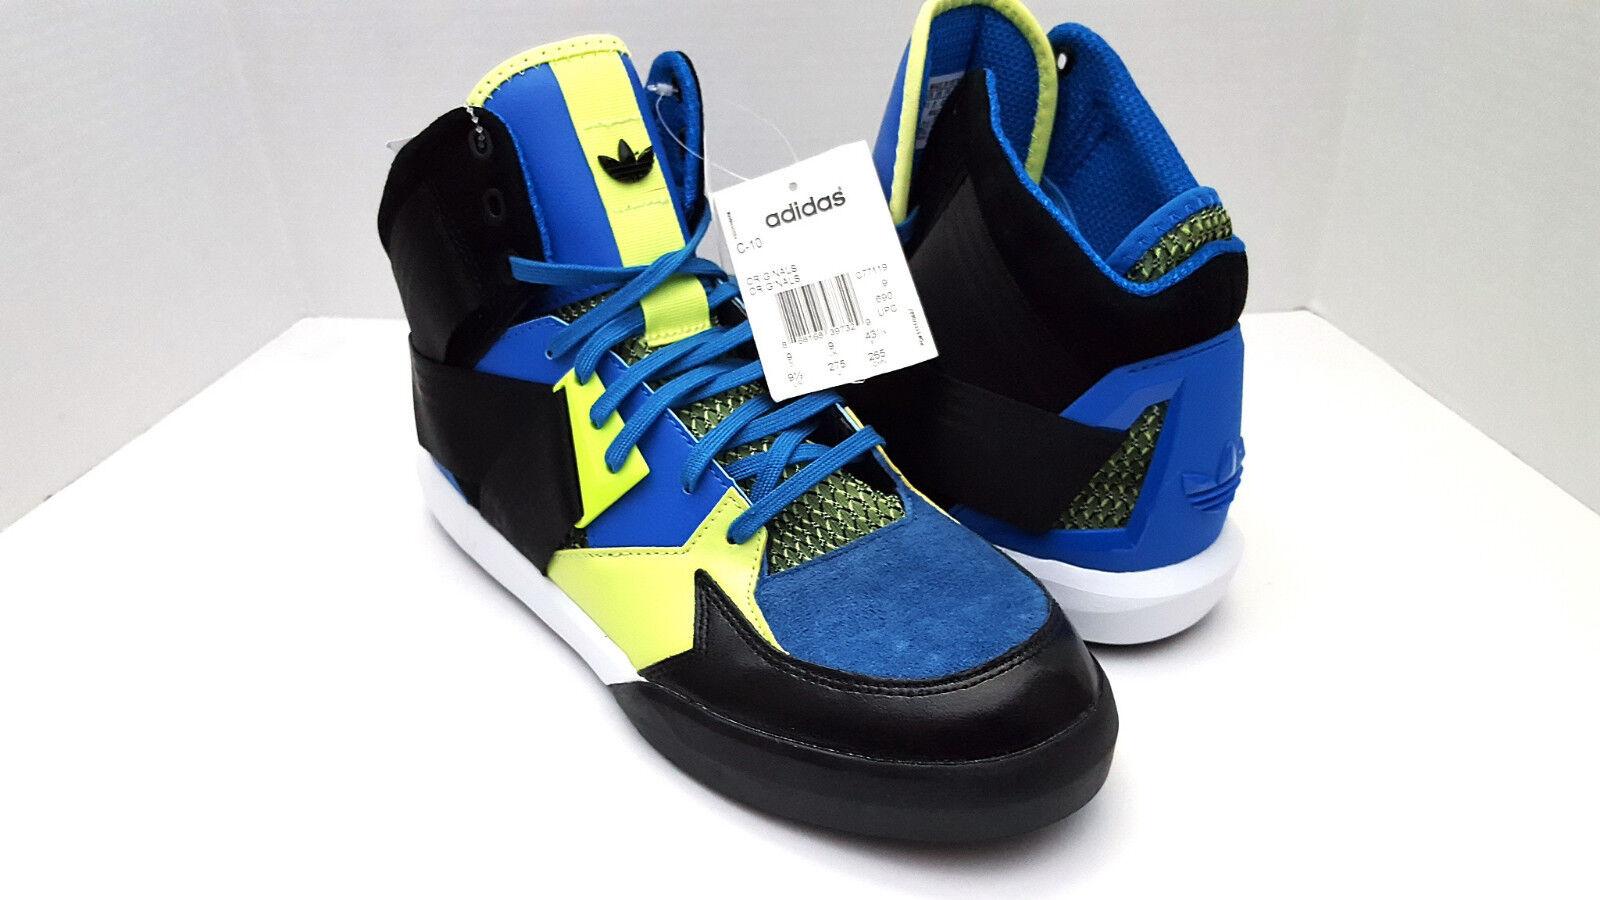 Adidas Originals  C10 Tenis Deportivas Zapatos  Originals de baloncesto para hombre Talla: 9.5 (M) nos 4fc5ec